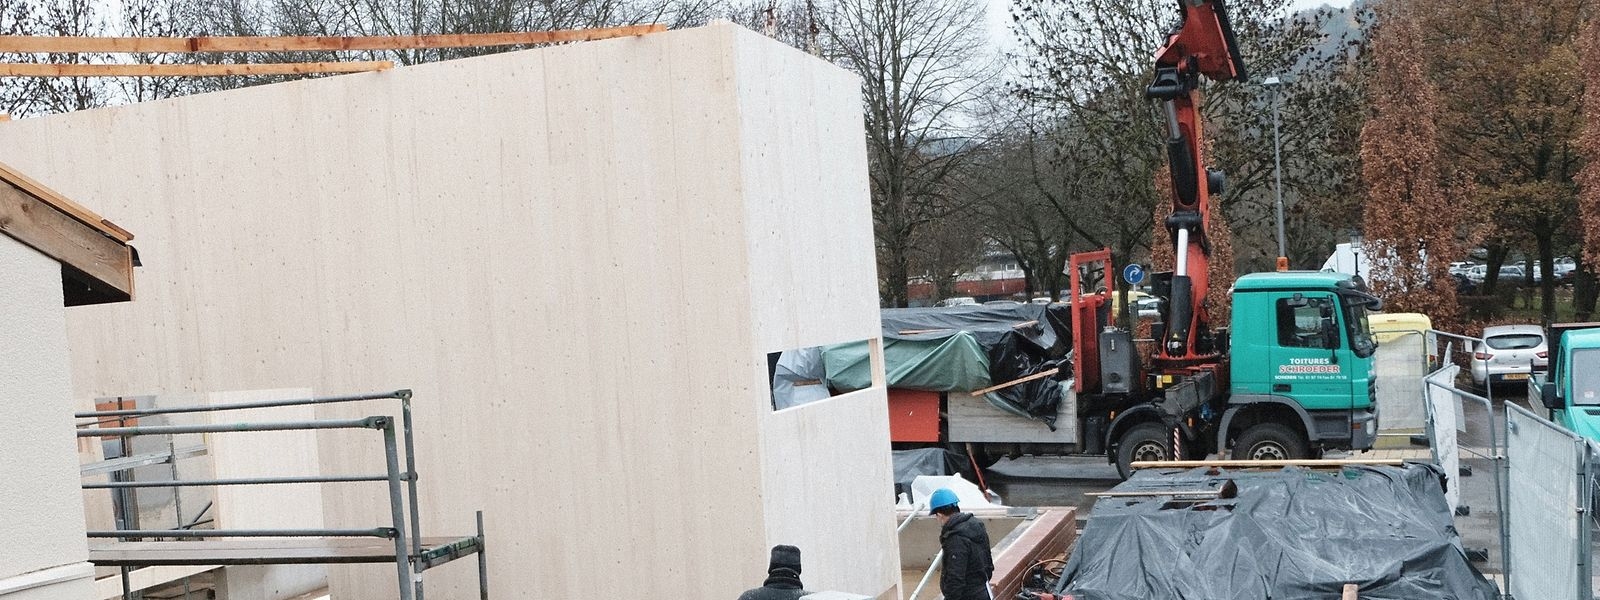 Zurzeit entsteht im Hof des Kulturzentrums Schungfabrik ein Holzbau, der das künftige Gemeindemuseum beherbergen wird.